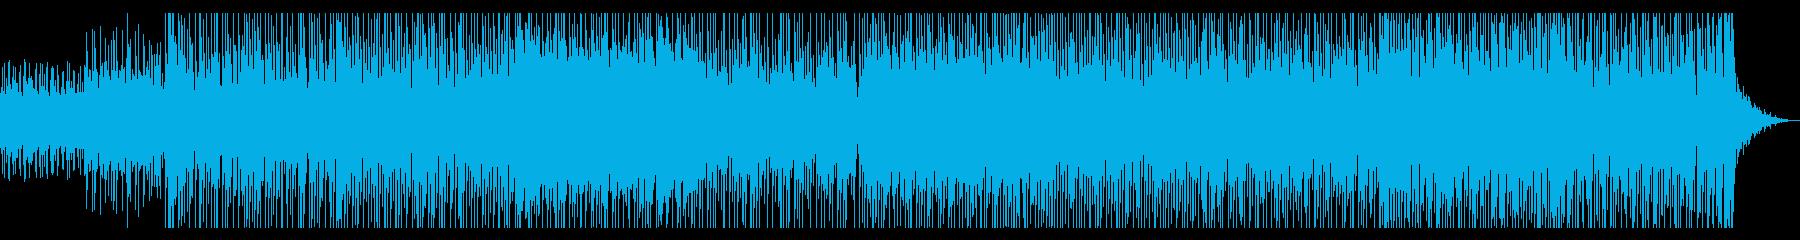 オリエンタルな響きと疾走感のあるリズムの再生済みの波形